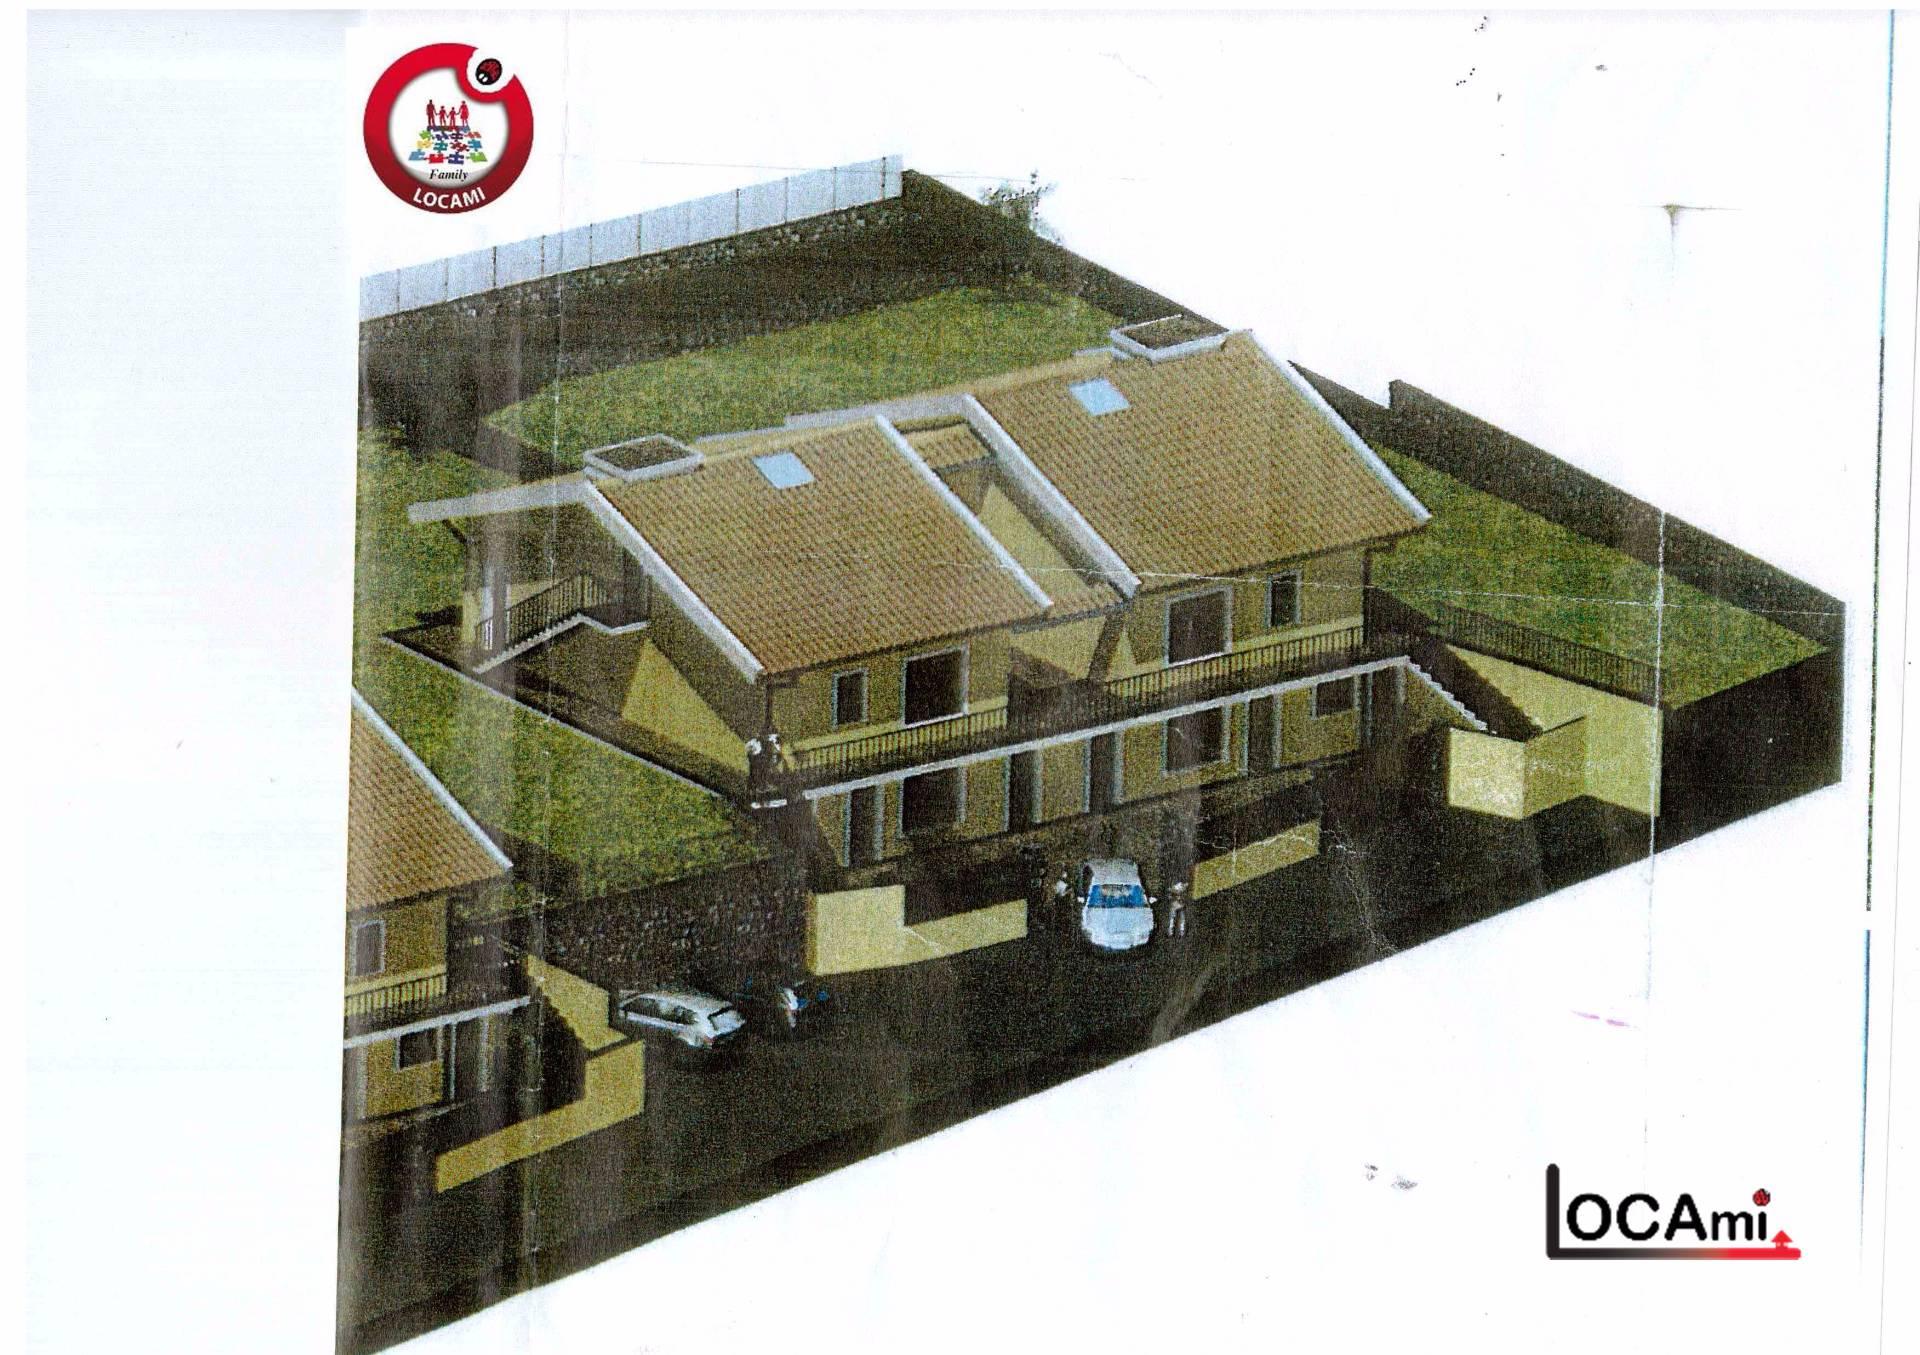 Villa in vendita a Aci Castello, 6 locali, zona Zona: Cannizzaro, prezzo € 595.000   Cambio Casa.it